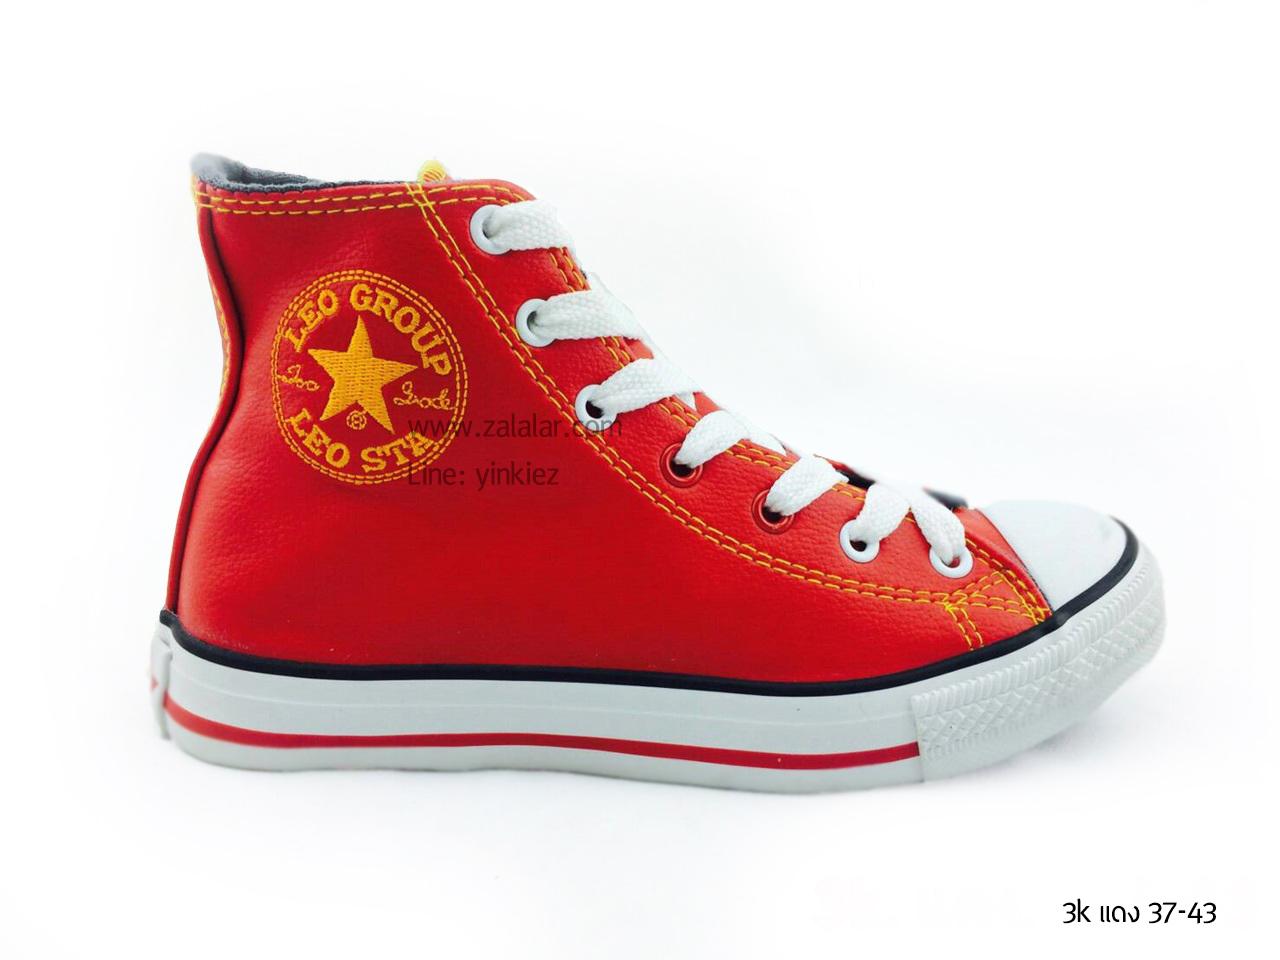 [พร้อมส่ง] รองเท้าผ้าใบแฟชั่น (หุ้มข้อ) รุ่น 3K สีแดง แบบหนัง